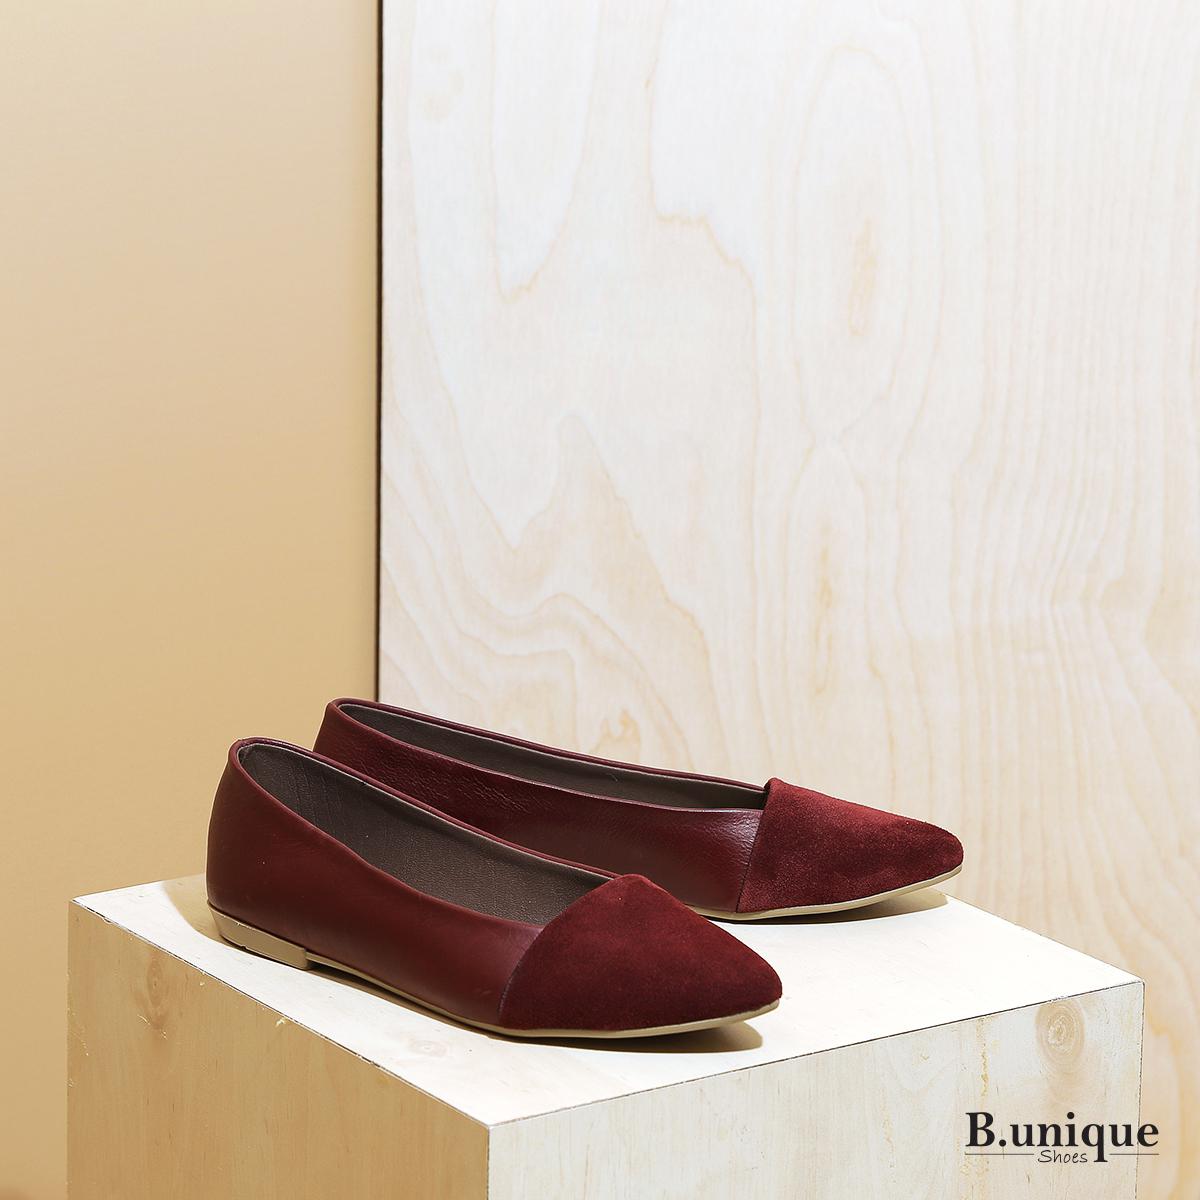 דגם בלייר: נעלי סירה לנשים בצבע בורדו